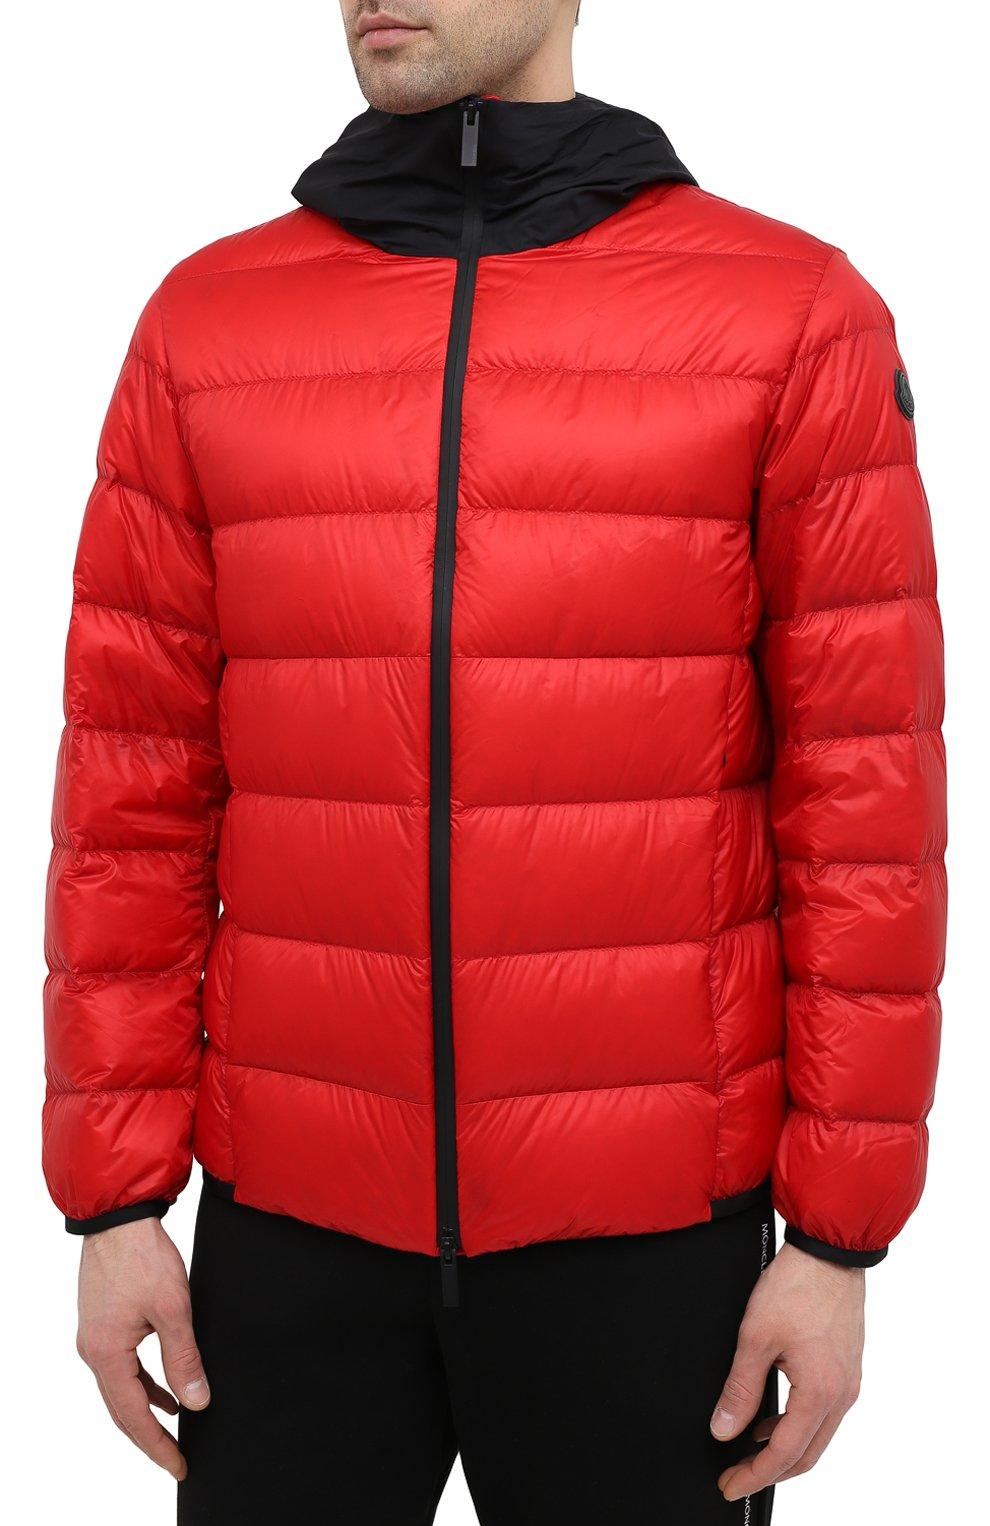 Мужская пуховая куртка provins MONCLER красного цвета, арт. G1-091-1A123-00-53279 | Фото 3 (Кросс-КТ: Куртка; Мужское Кросс-КТ: пуховик-короткий; Рукава: Длинные; Материал внешний: Синтетический материал; Стили: Гранж; Материал подклада: Синтетический материал; Длина (верхняя одежда): Короткие; Материал утеплителя: Пух и перо)